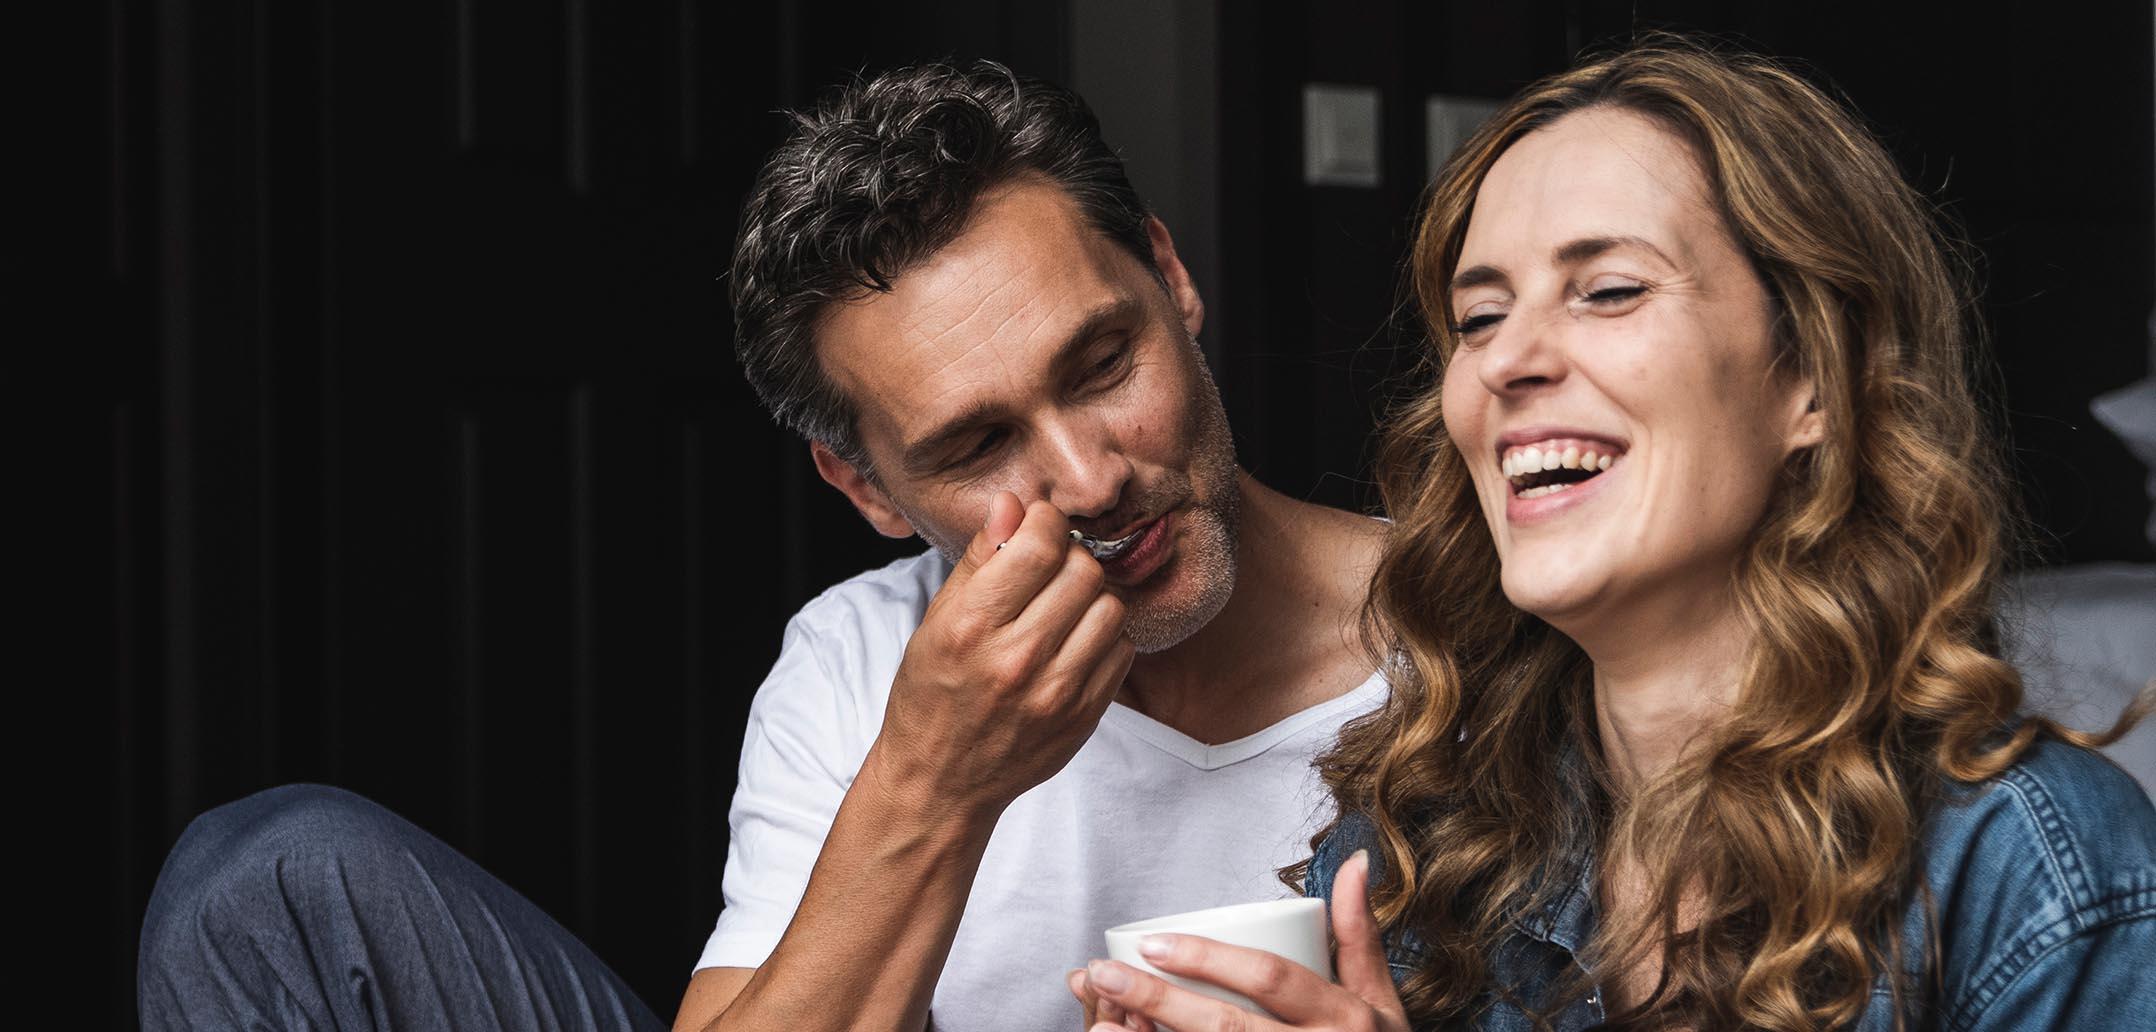 Kommunikation in einer Beziehung